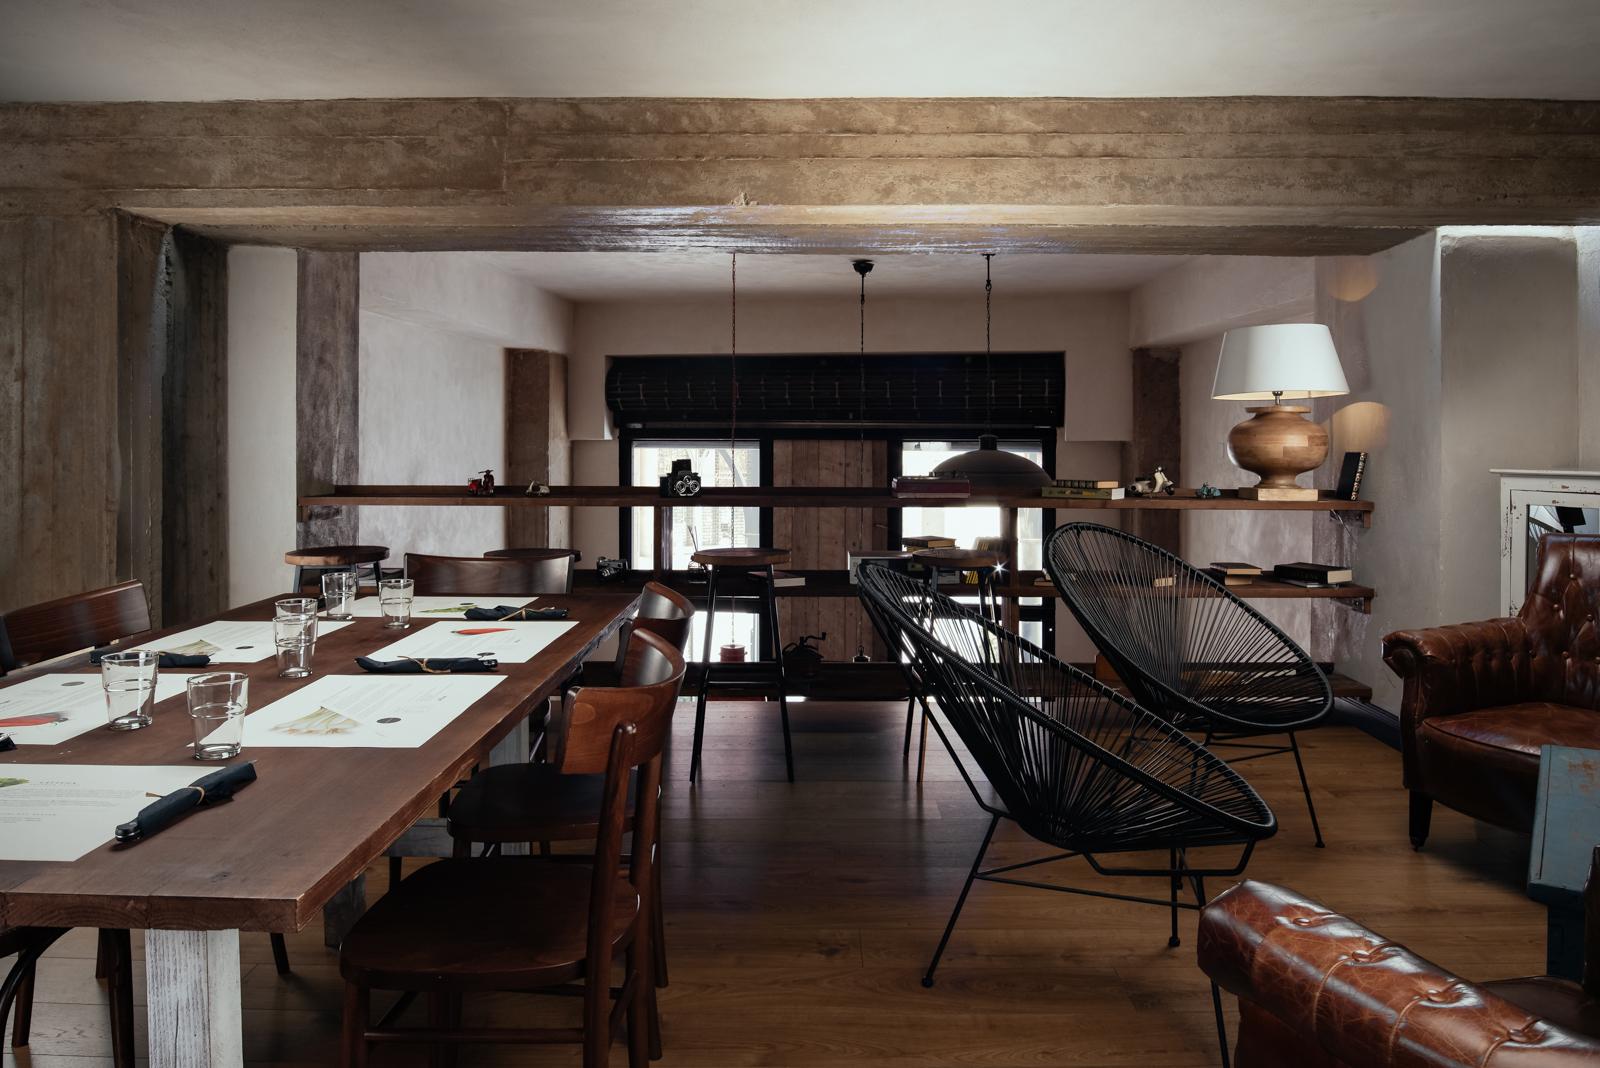 Officina 50 Architetto Salerno Progettazione luce Allestimento Interior Design